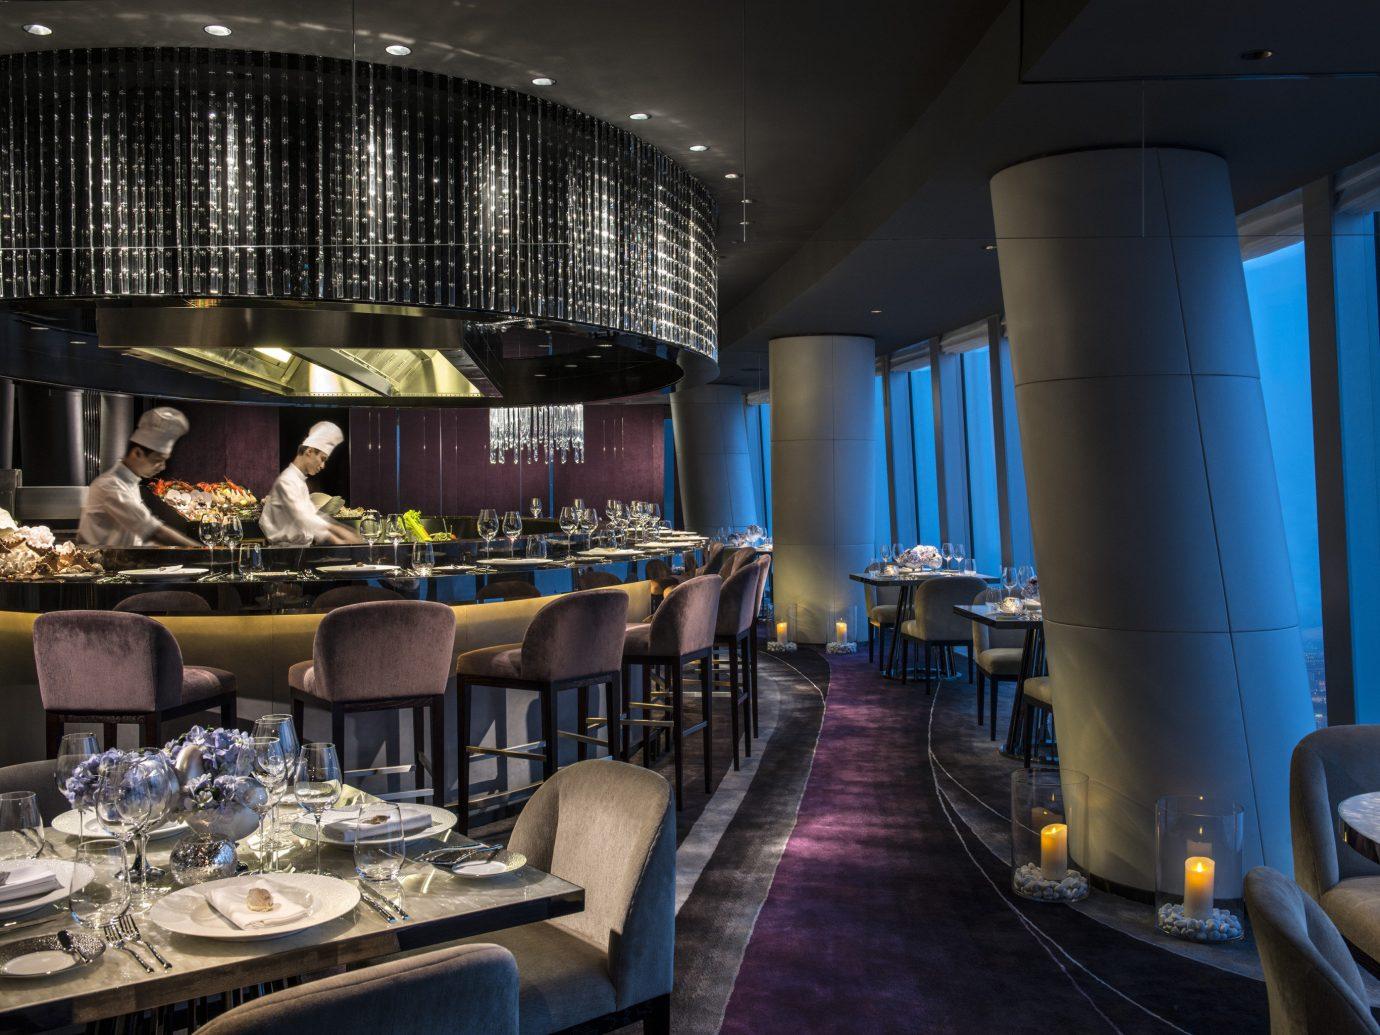 Food + Drink indoor ceiling interior design theatre restaurant Bar area furniture